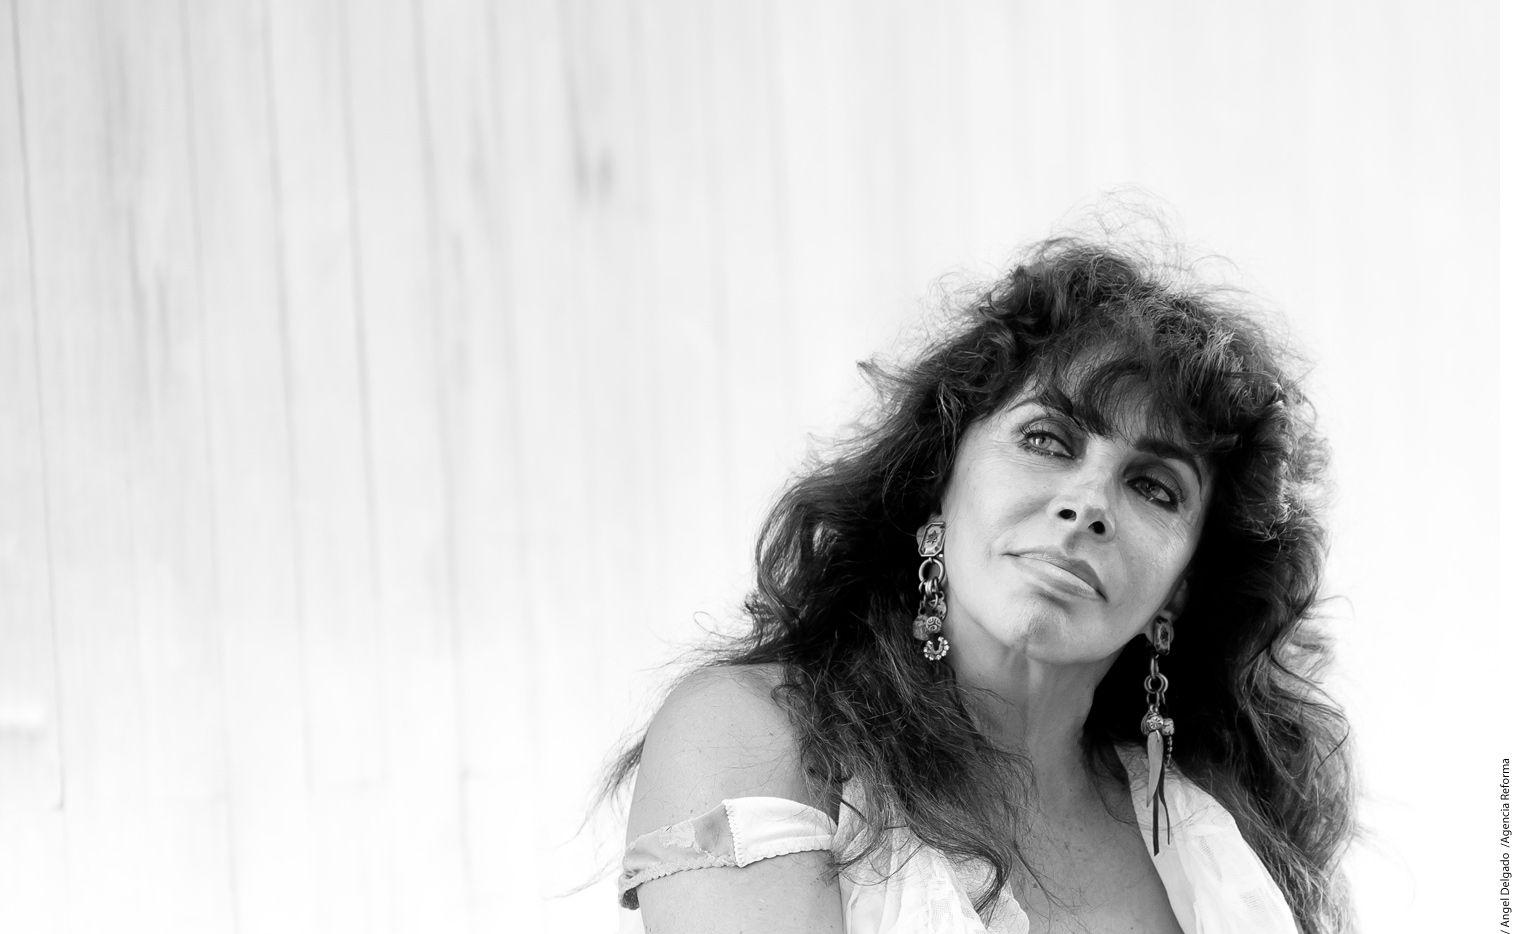 Pese a que ha sido considera uno de los rostros más bellos de México, Verónica Castro siempre se quedó esperando a su príncipe azul./ AGENCIA REFORMA